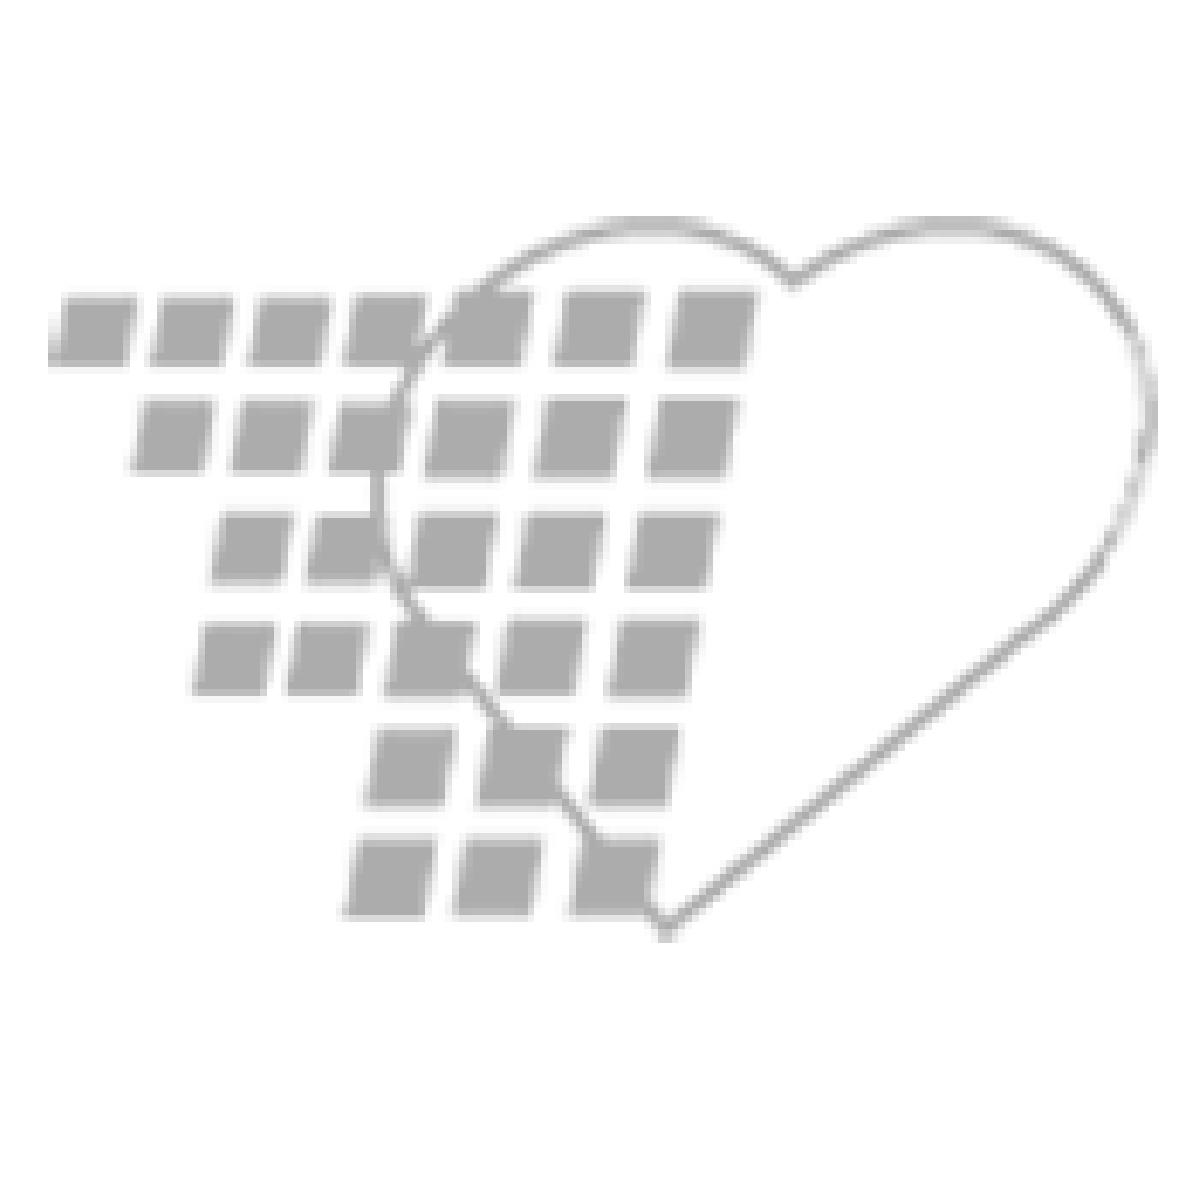 02-80-3781-BLKLG 3M™ Littmann® Snap Tight Soft Sealing Eartips